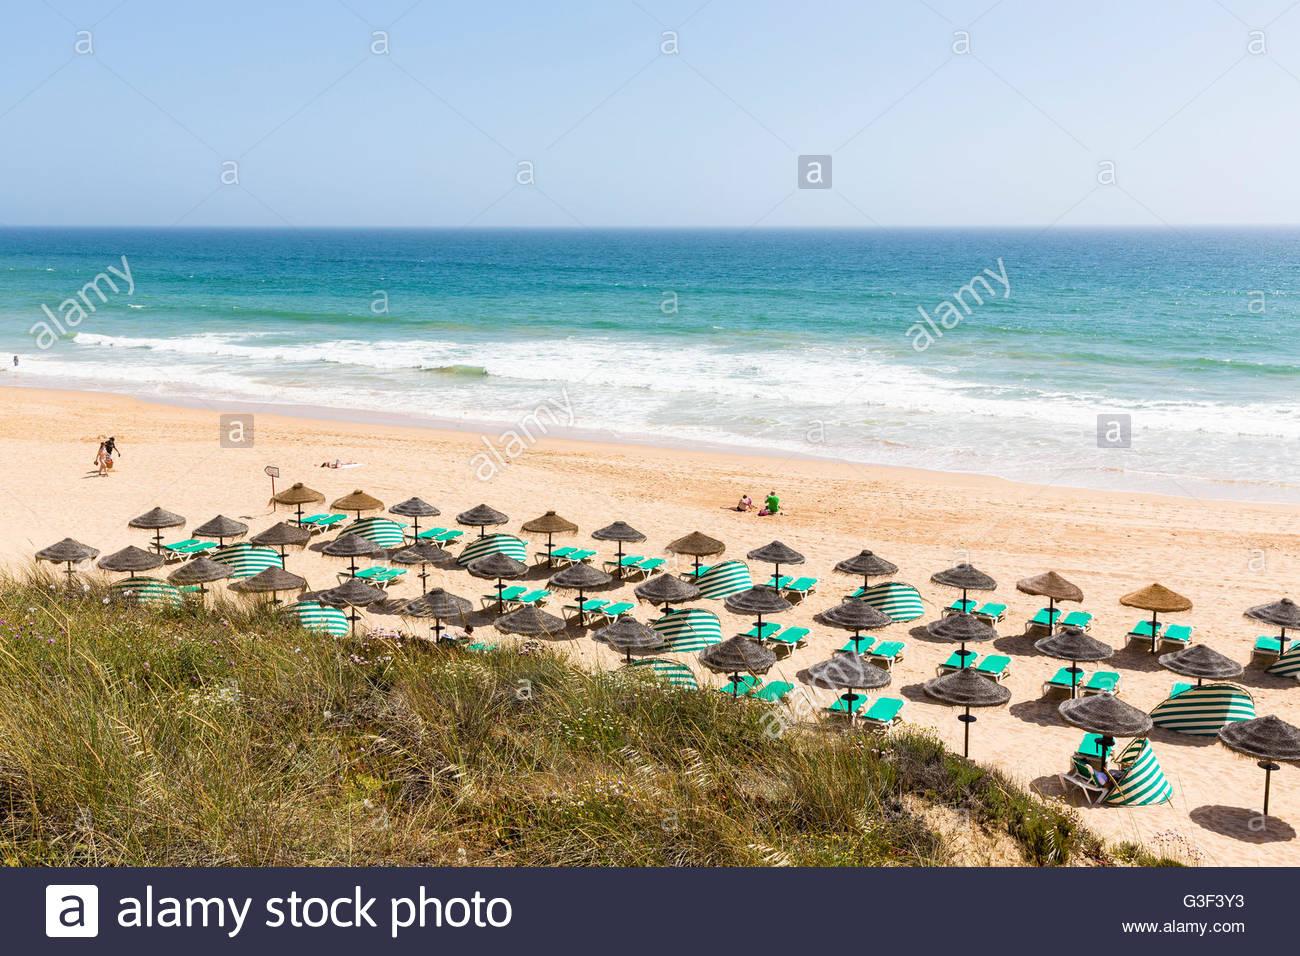 Praia da Galé, Albufeira, Algarve, Portugal - Stock Image